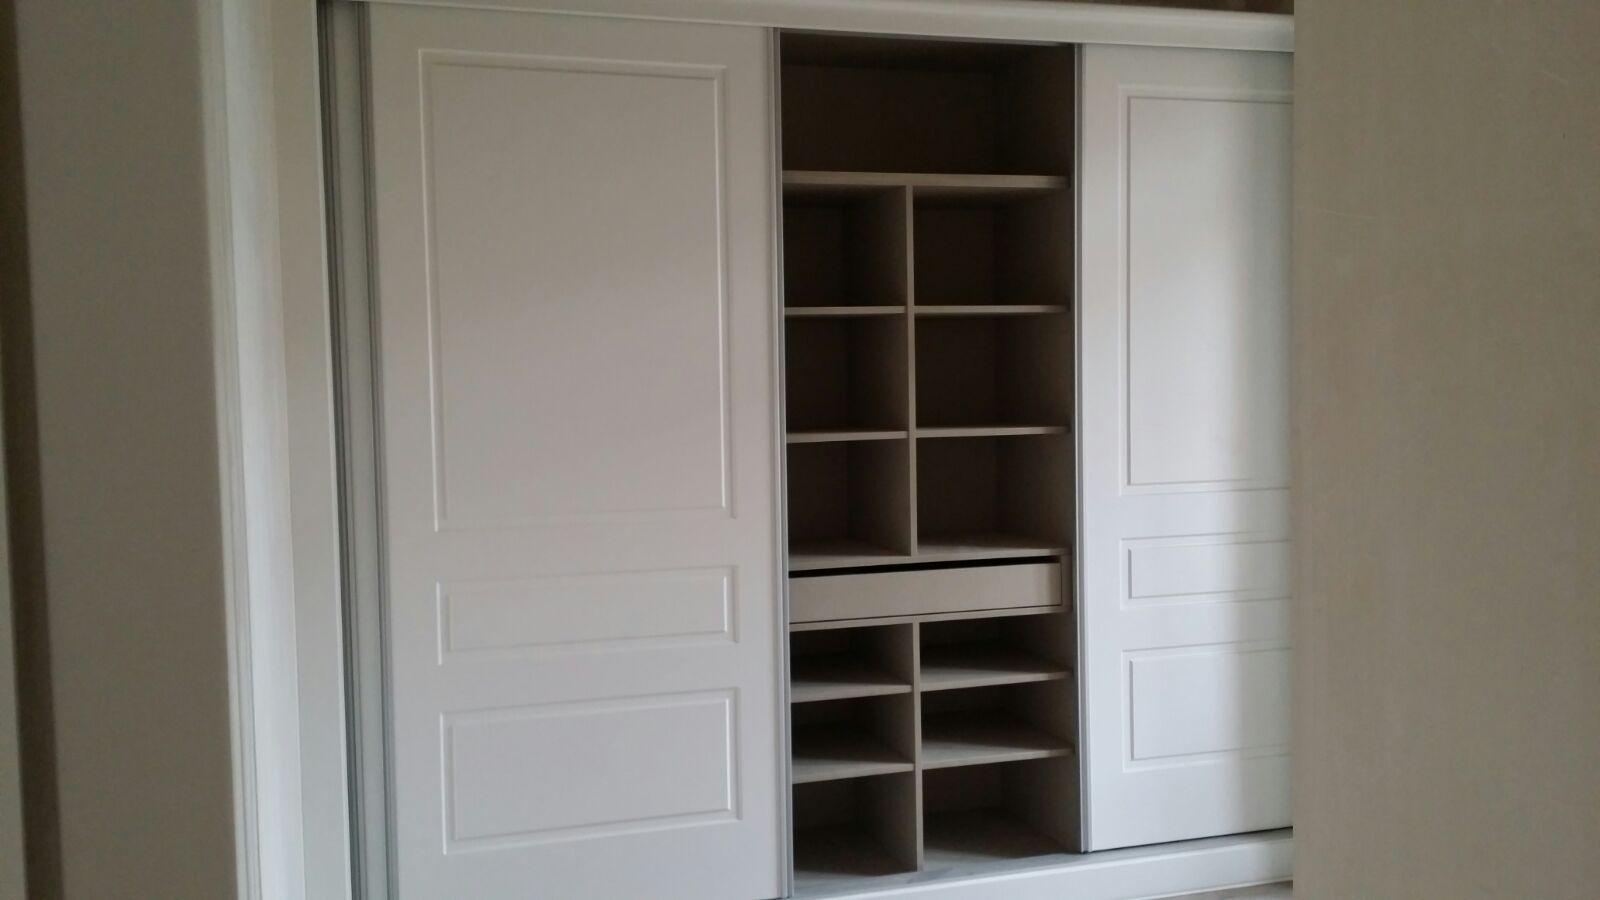 fabrica-empresas-fabricacion-armarios-a-medida-en-castellon-3